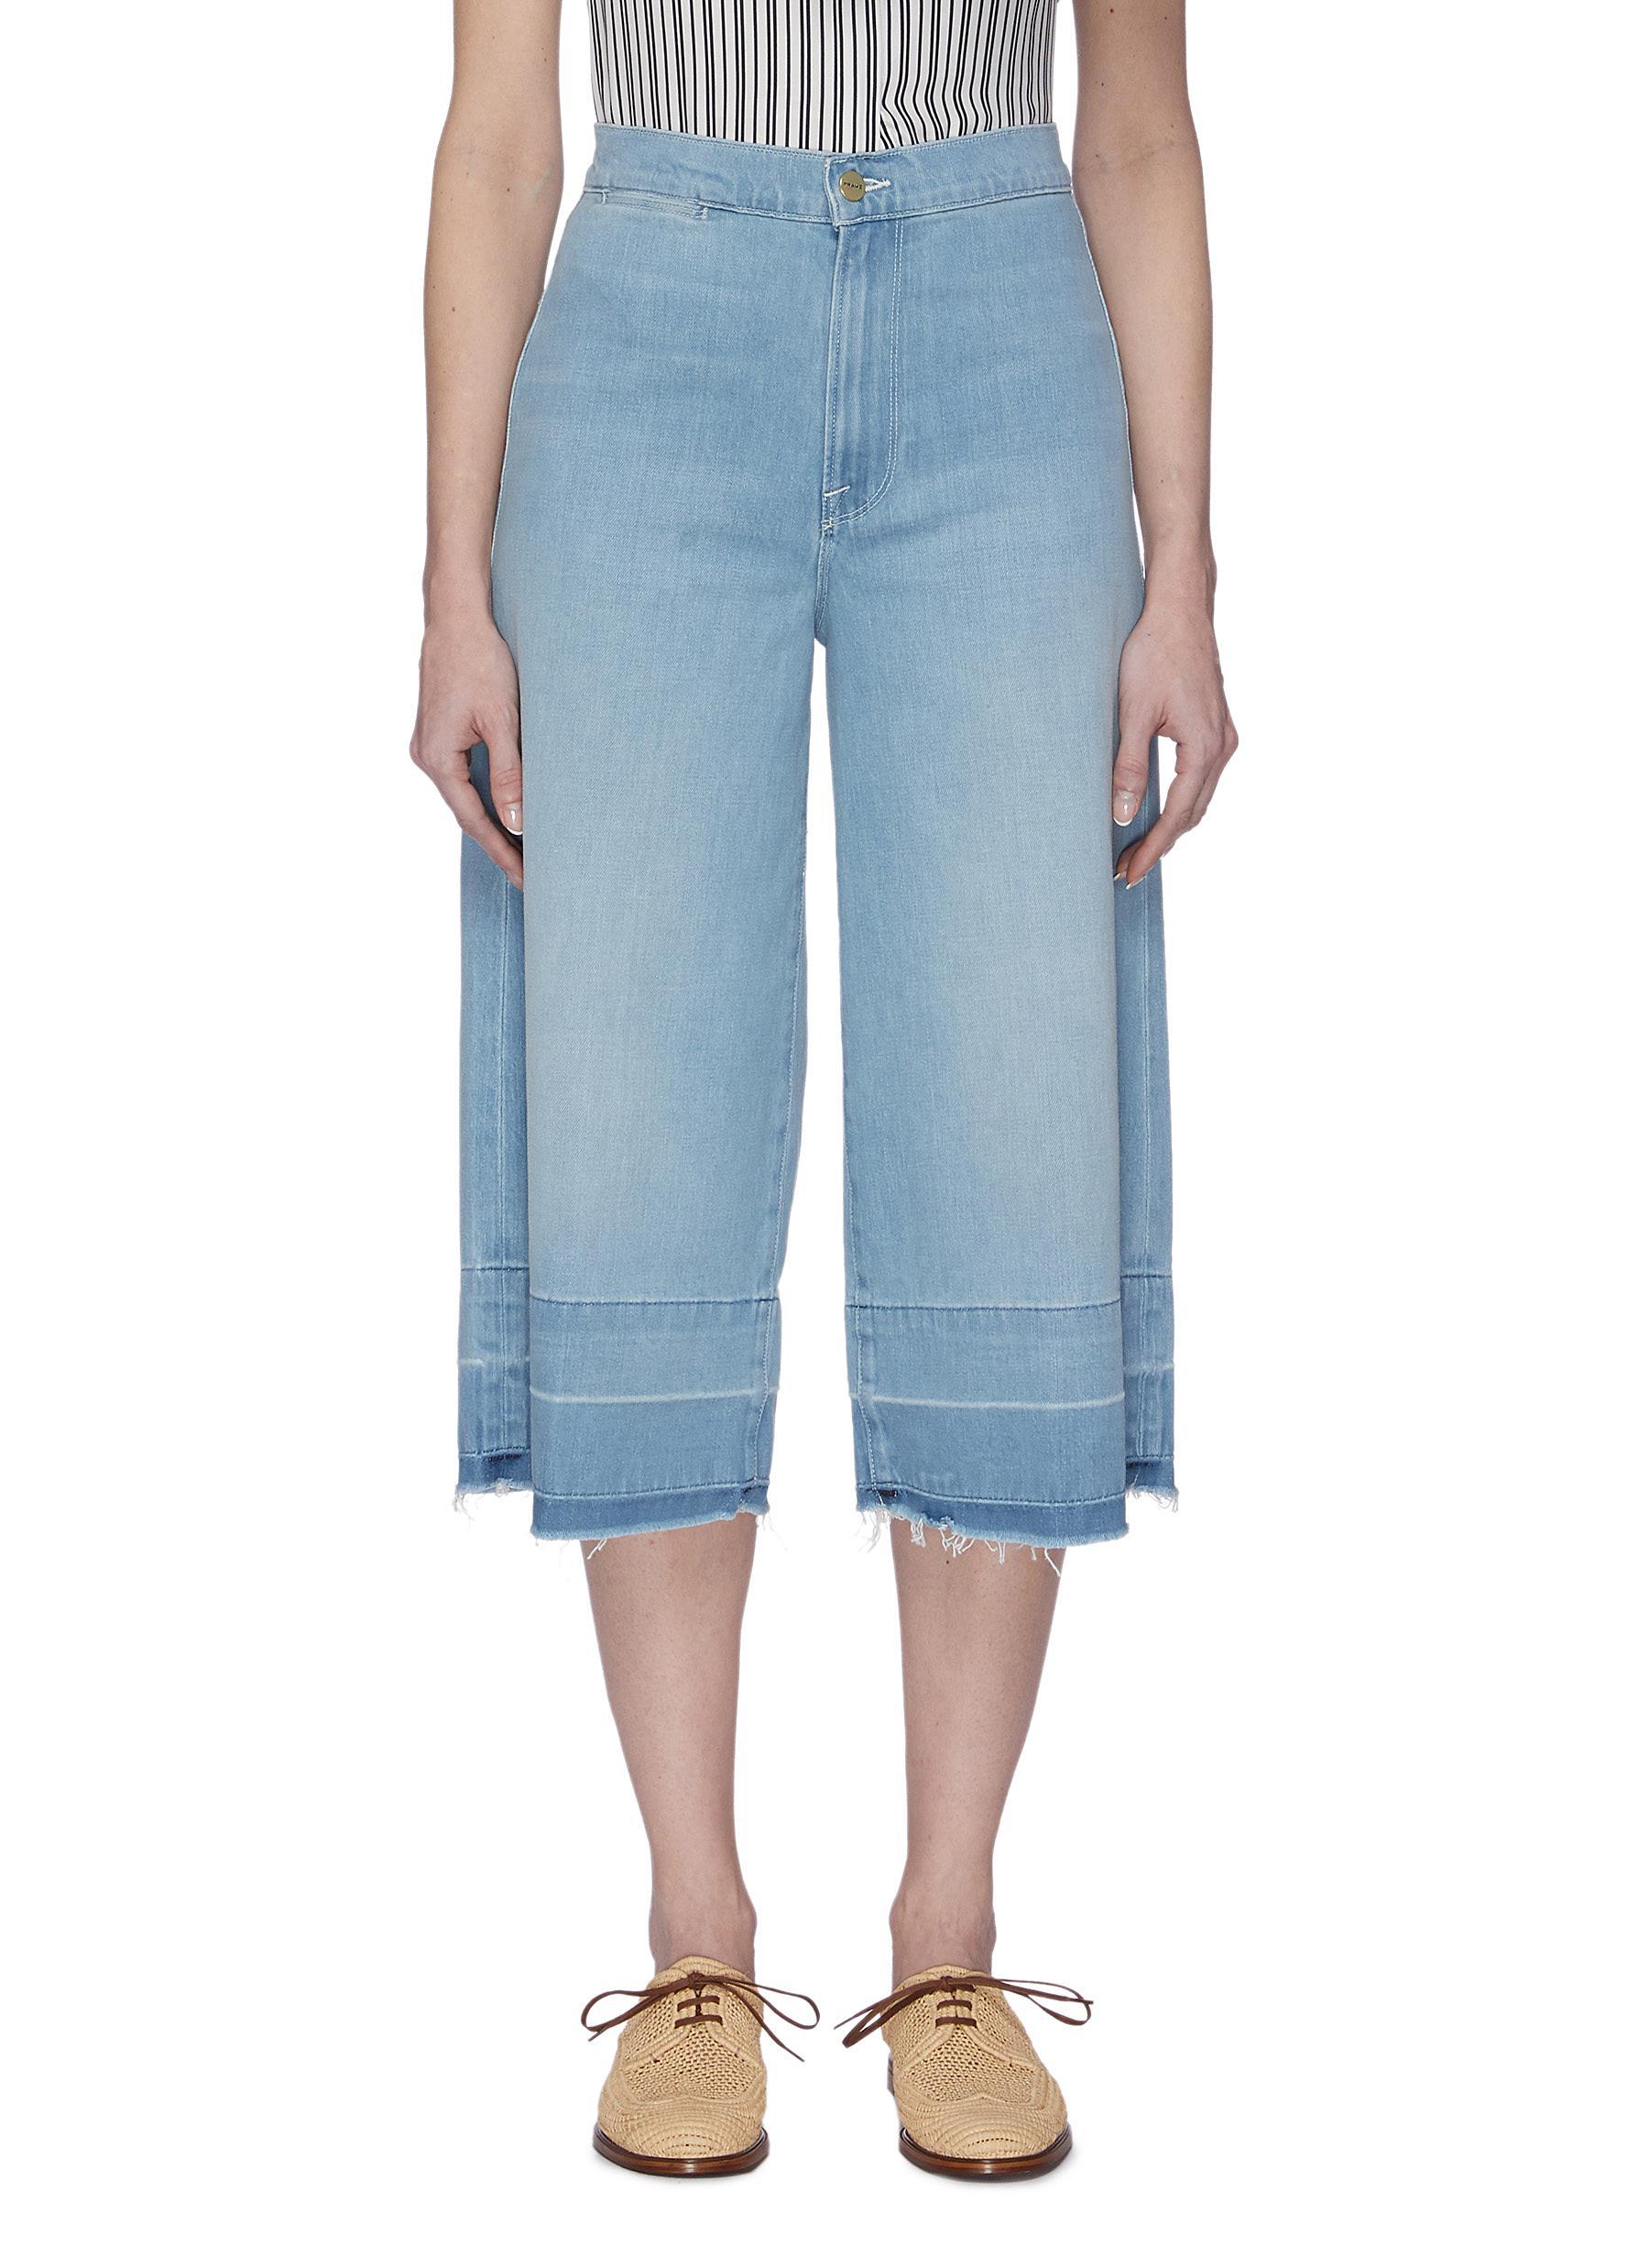 Buy Frame Denim Jeans Light Wash Culotte Jeans